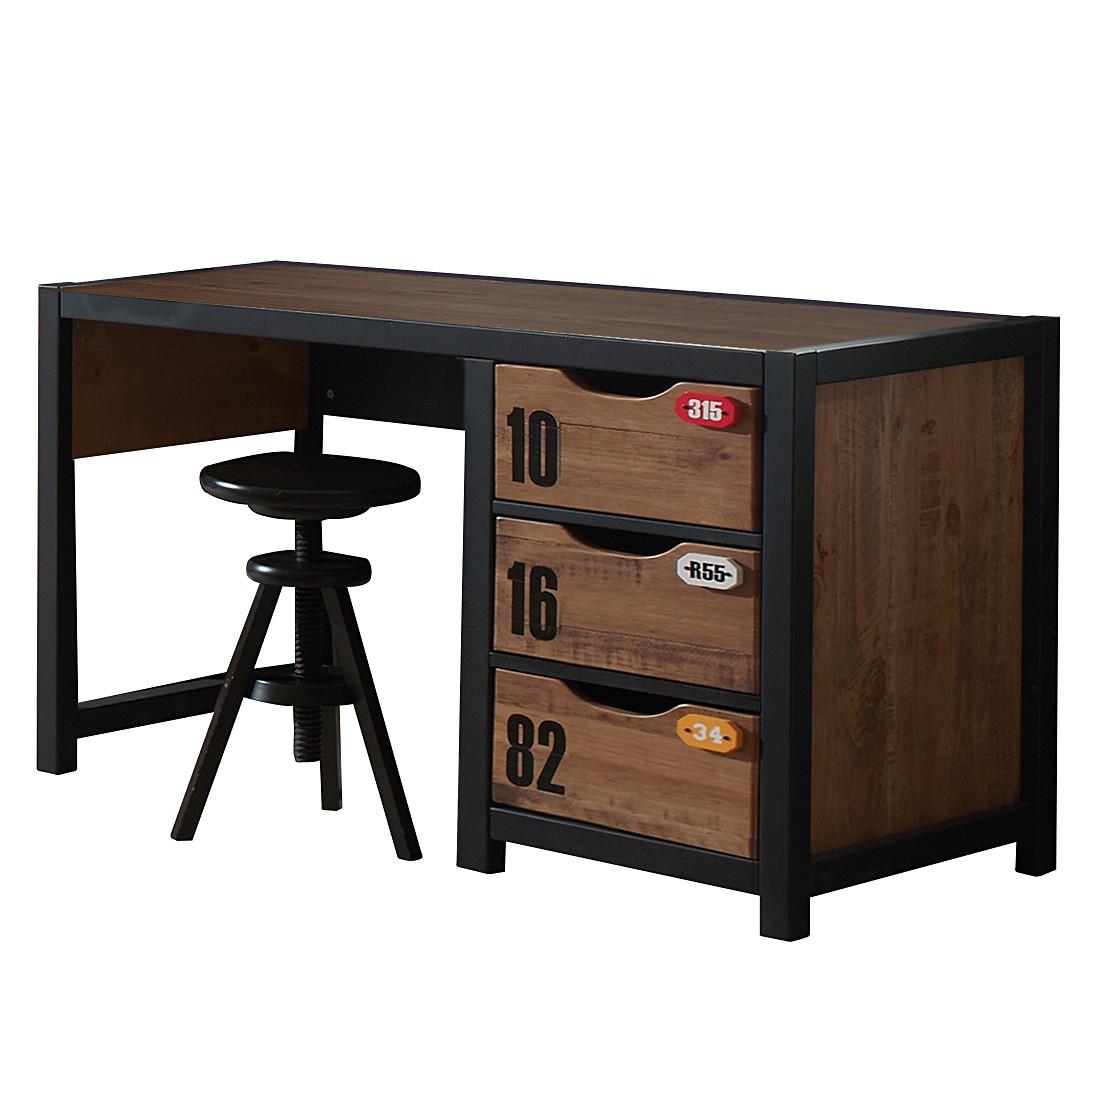 schreibtisch 130cm preisvergleiche erfahrungsberichte. Black Bedroom Furniture Sets. Home Design Ideas